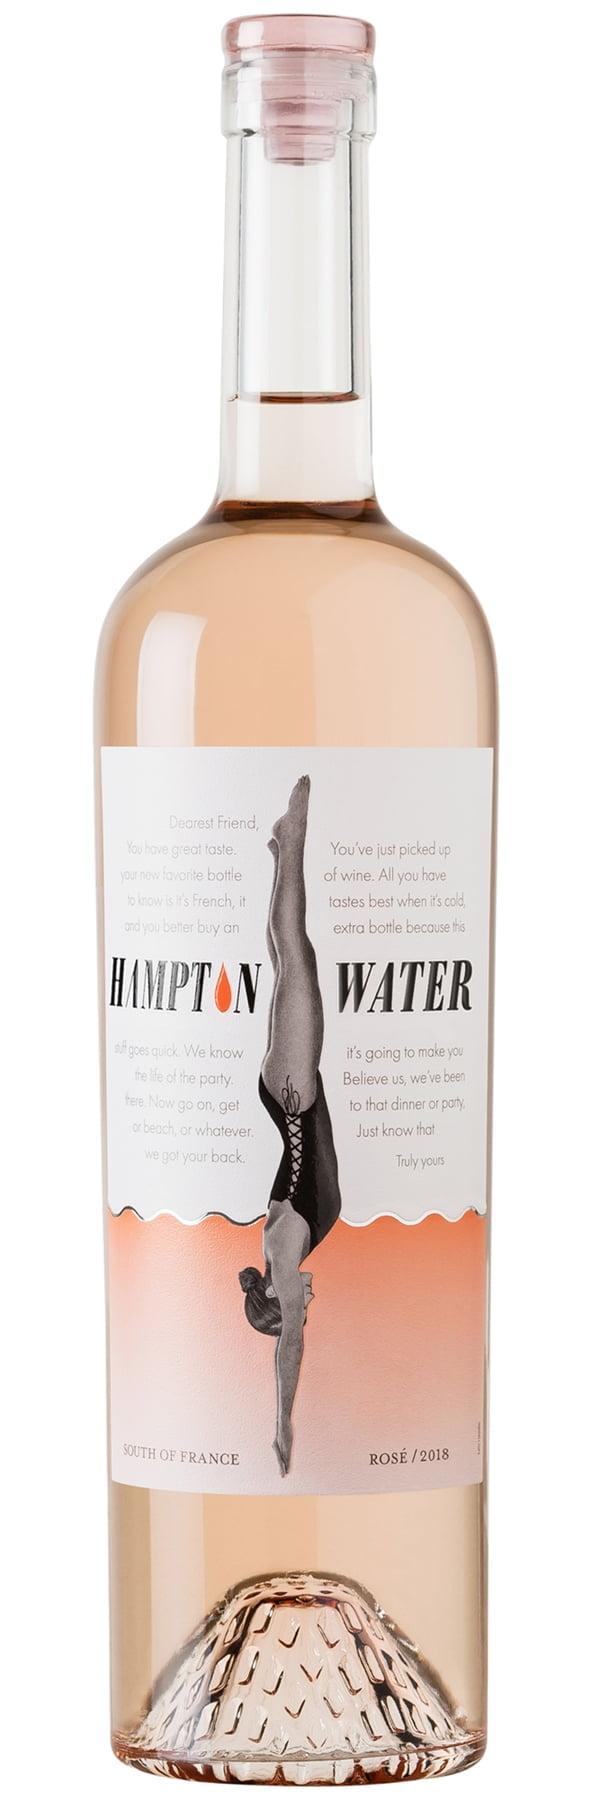 하이트진로, 락스타 `존 본조비`의 로제 와인 `햄튼 워터` 출시